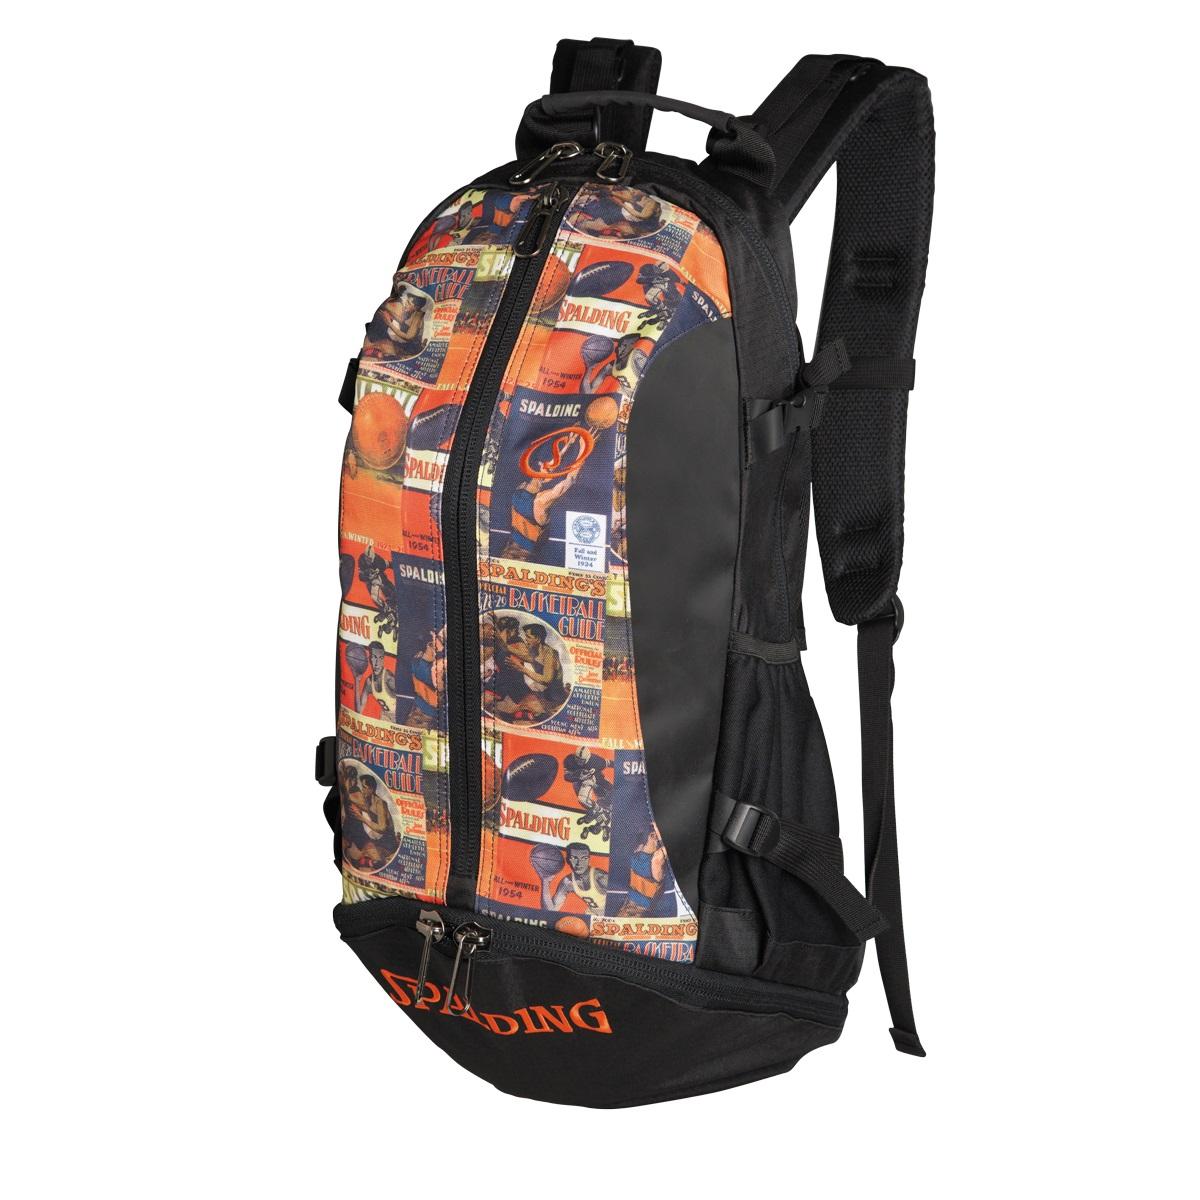 【送料無料】【当店ポイント5倍】【SPALDING・スポルディング】ケイジャー バッグクラシックリュック バスケットボールバッグ バッグパック 32L